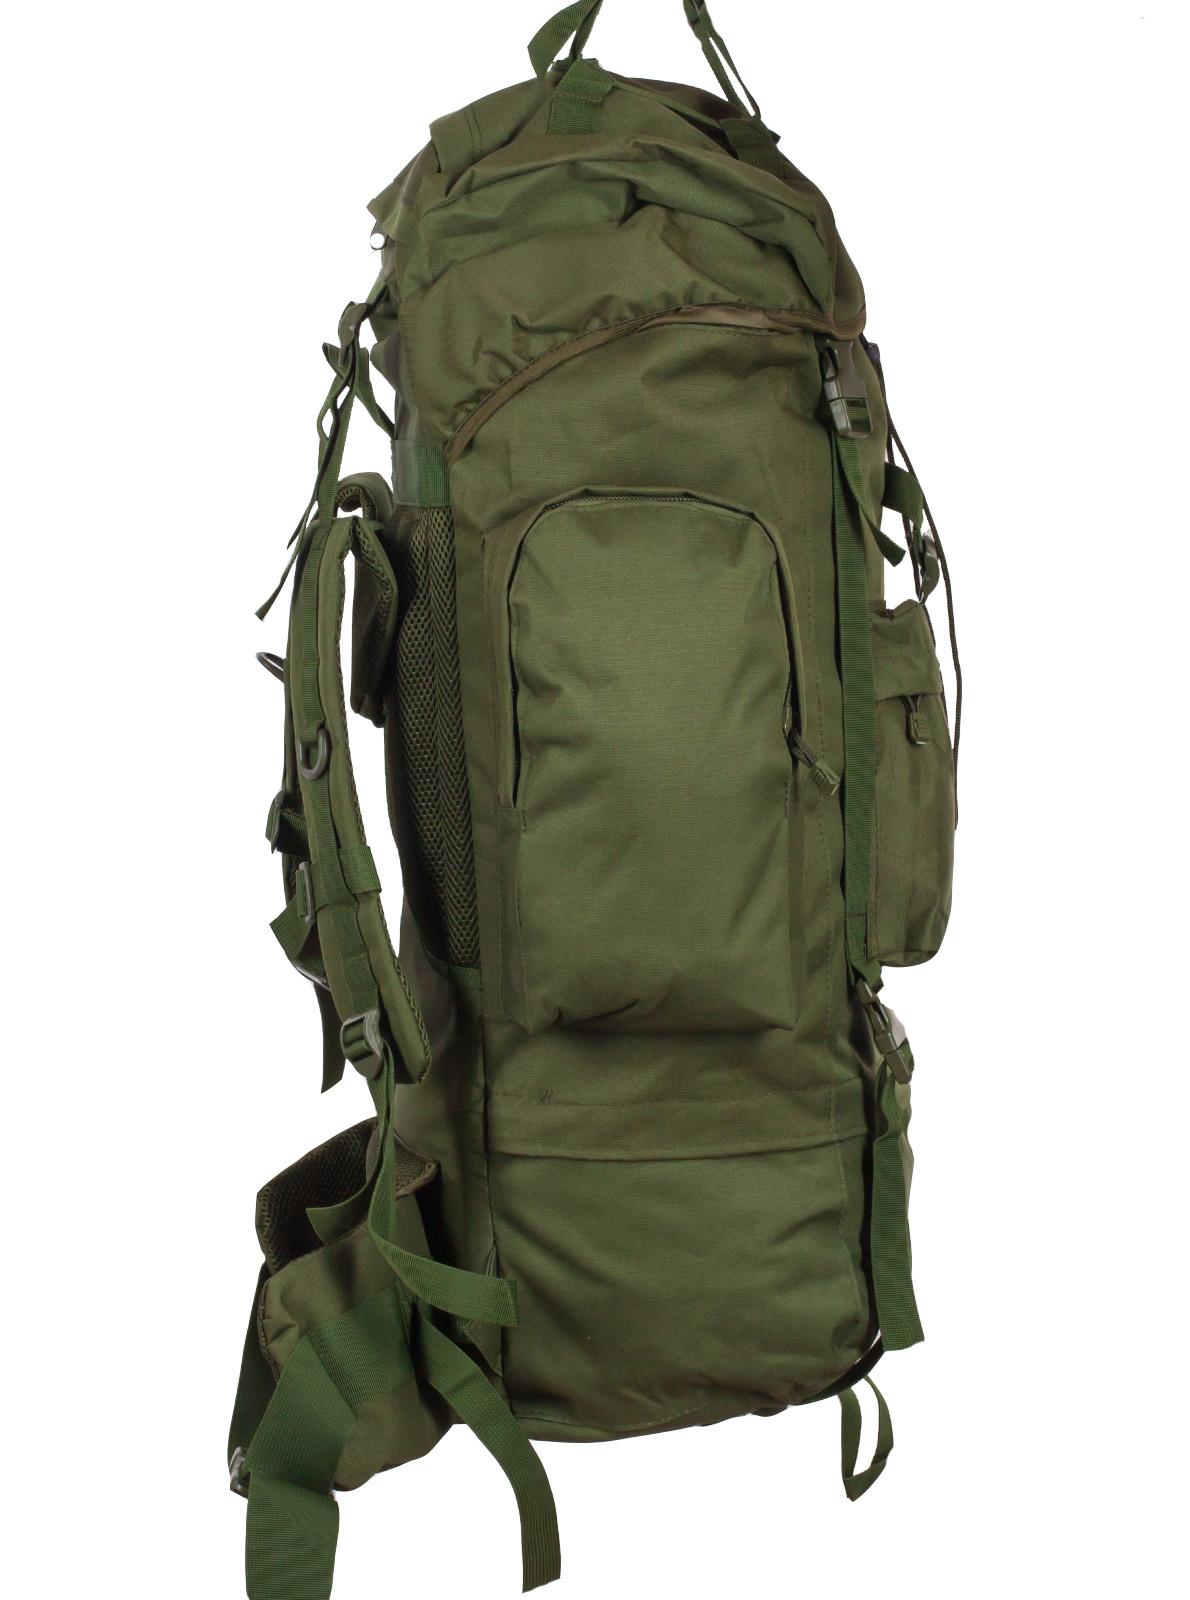 Многодневный удобный рюкзак с нашивкой Потомственный Казак - заказать онлайн